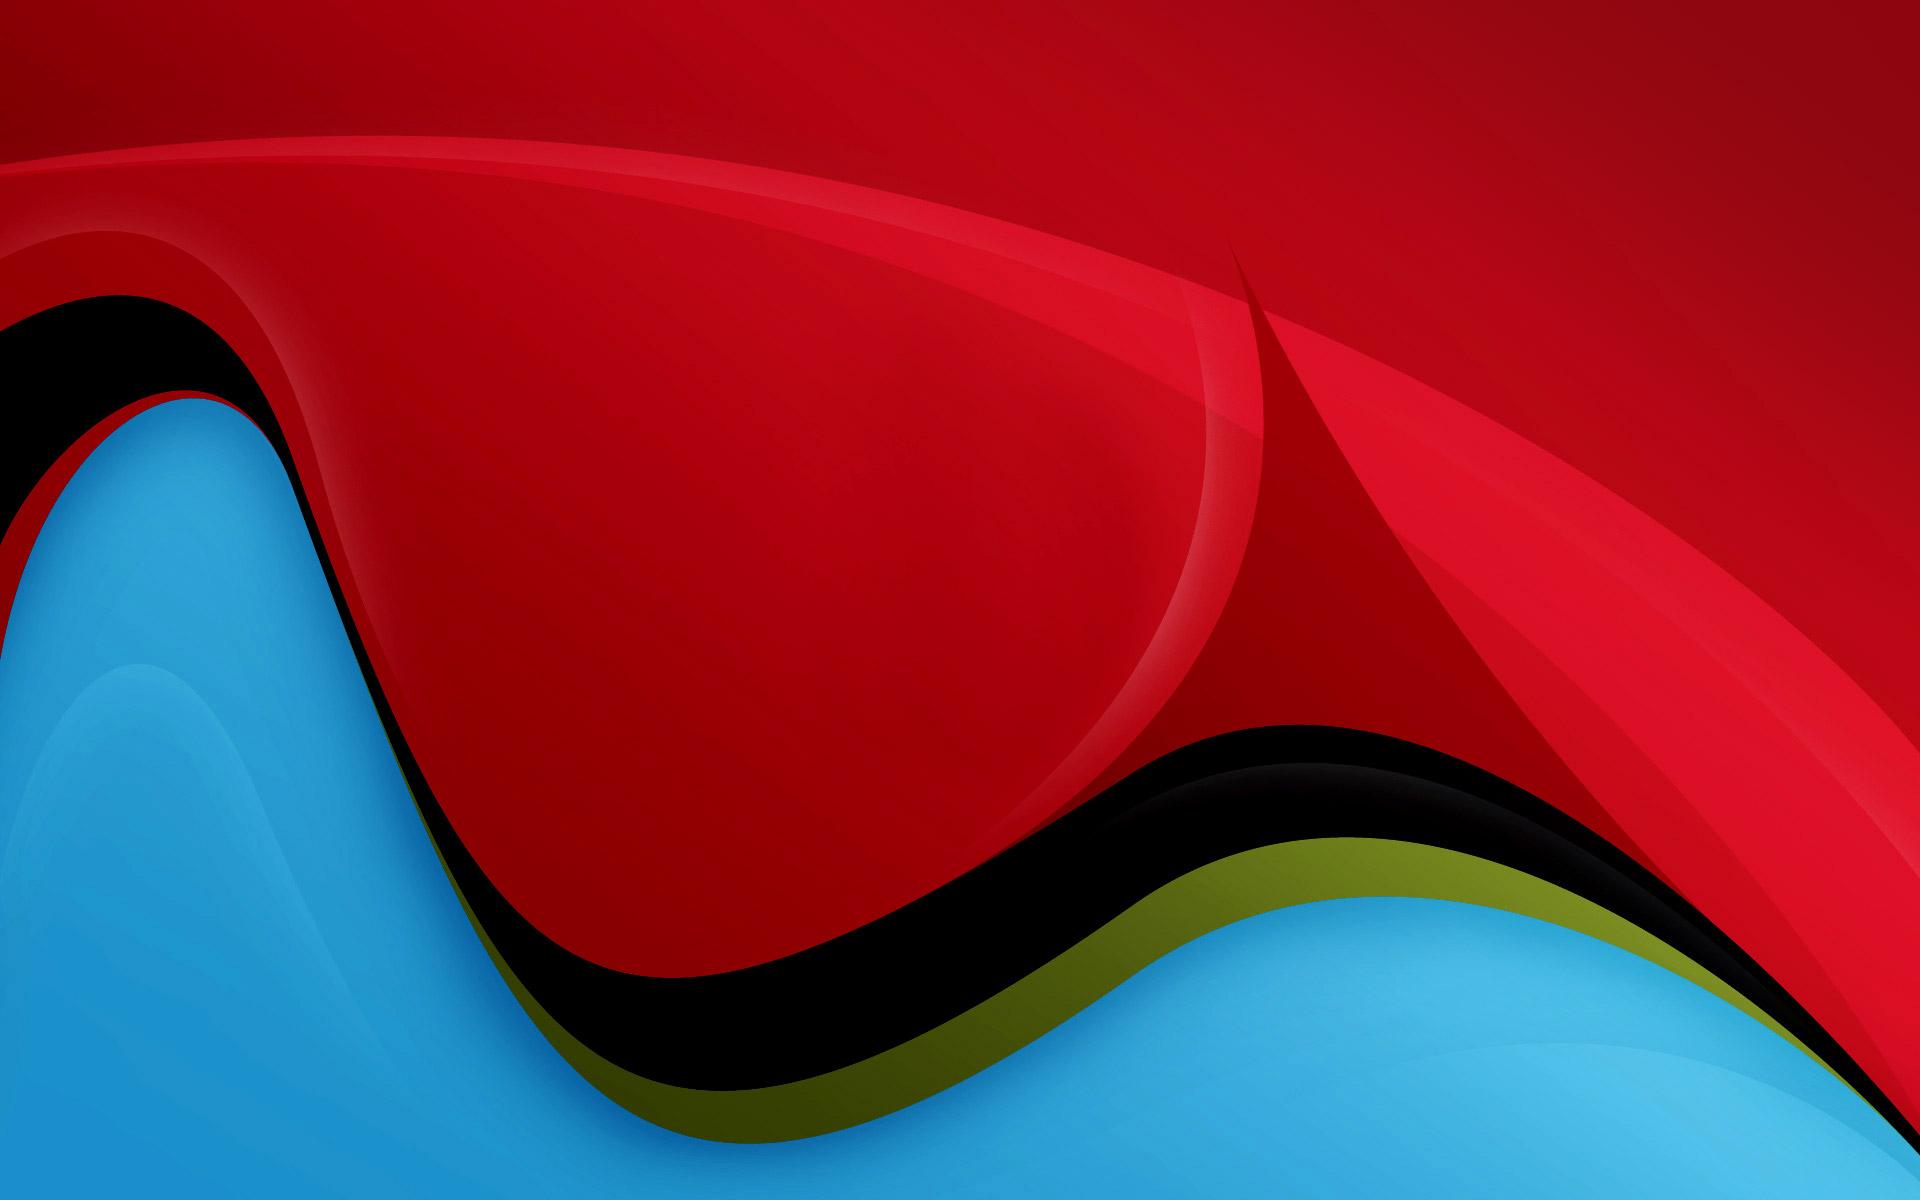 Wallpaper Red And Blue Waves On Desktop Com Desktop Wallpaper